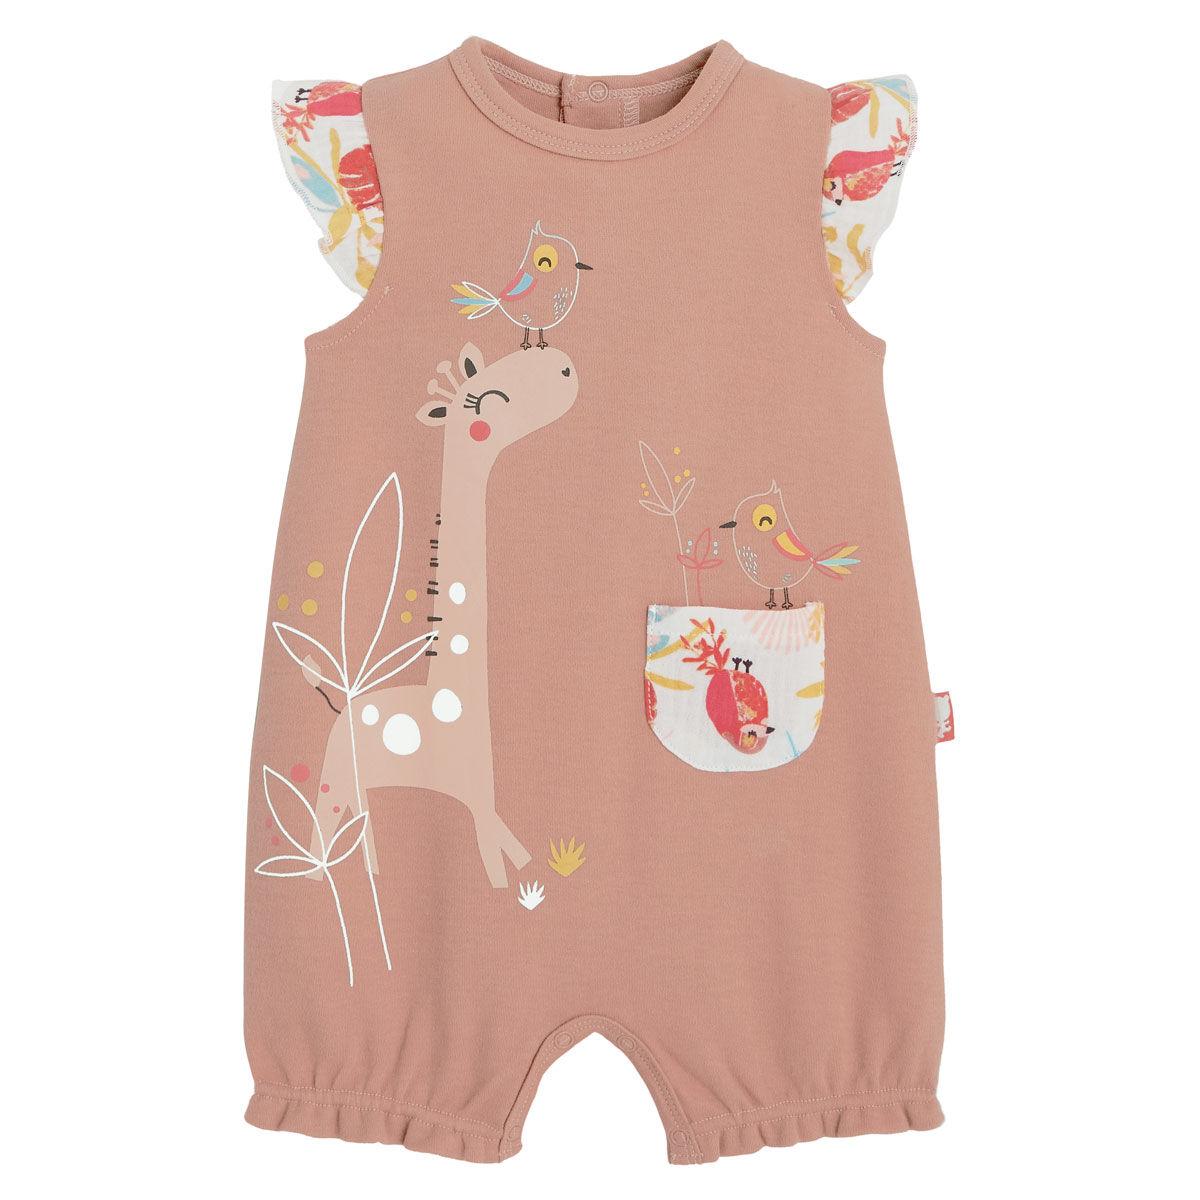 Petit Béguin Barboteuse bébé fille Tropic - Taille - 12 mois